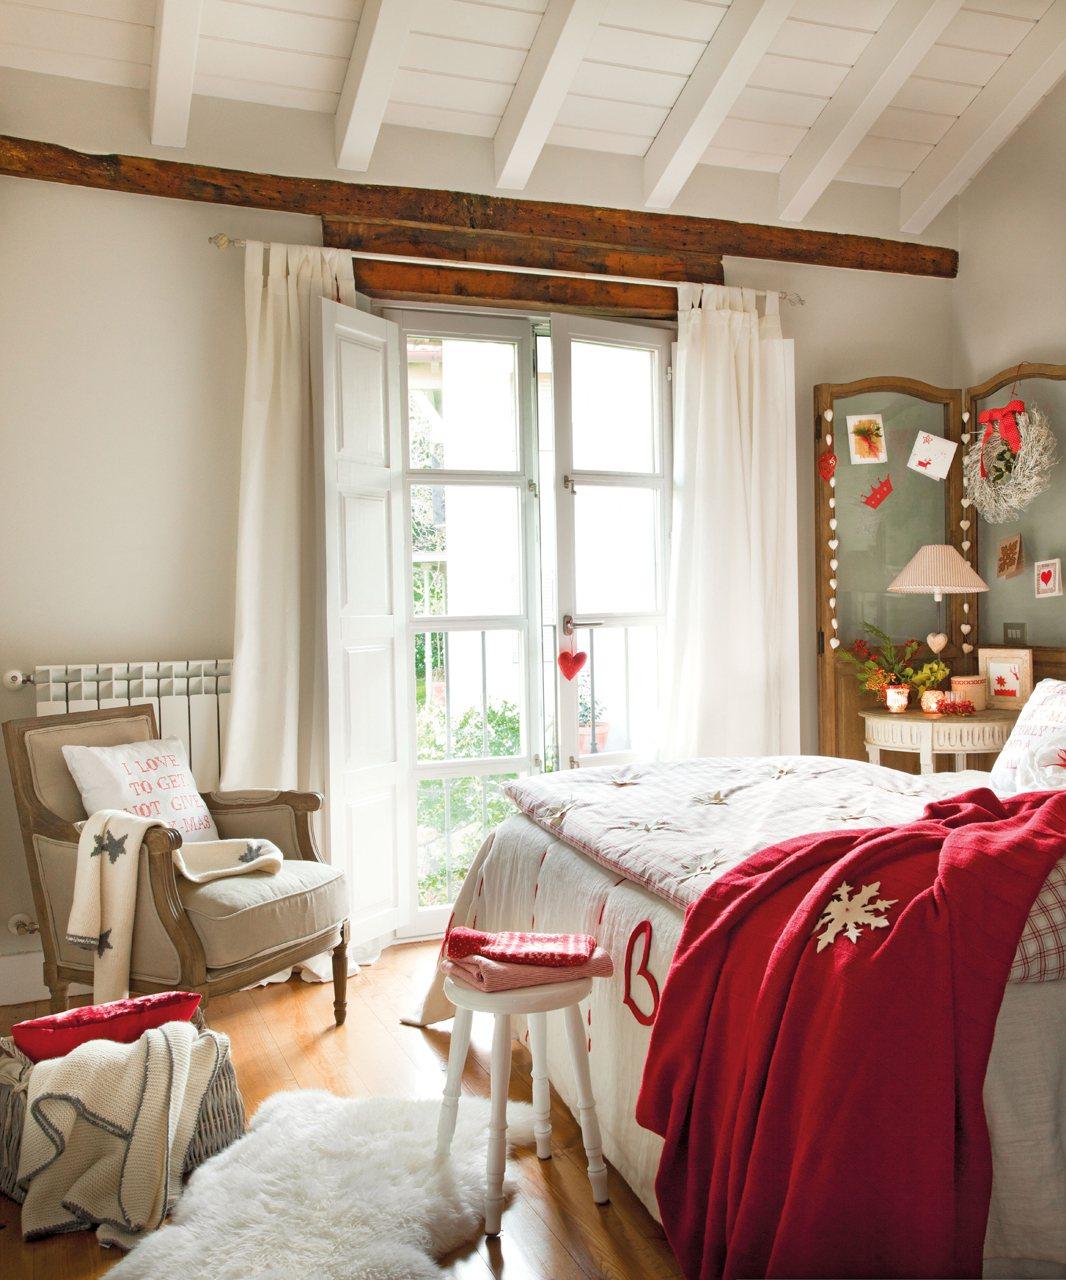 Decorar el dormitorio en navidad - Decorar con fotos el dormitorio ...